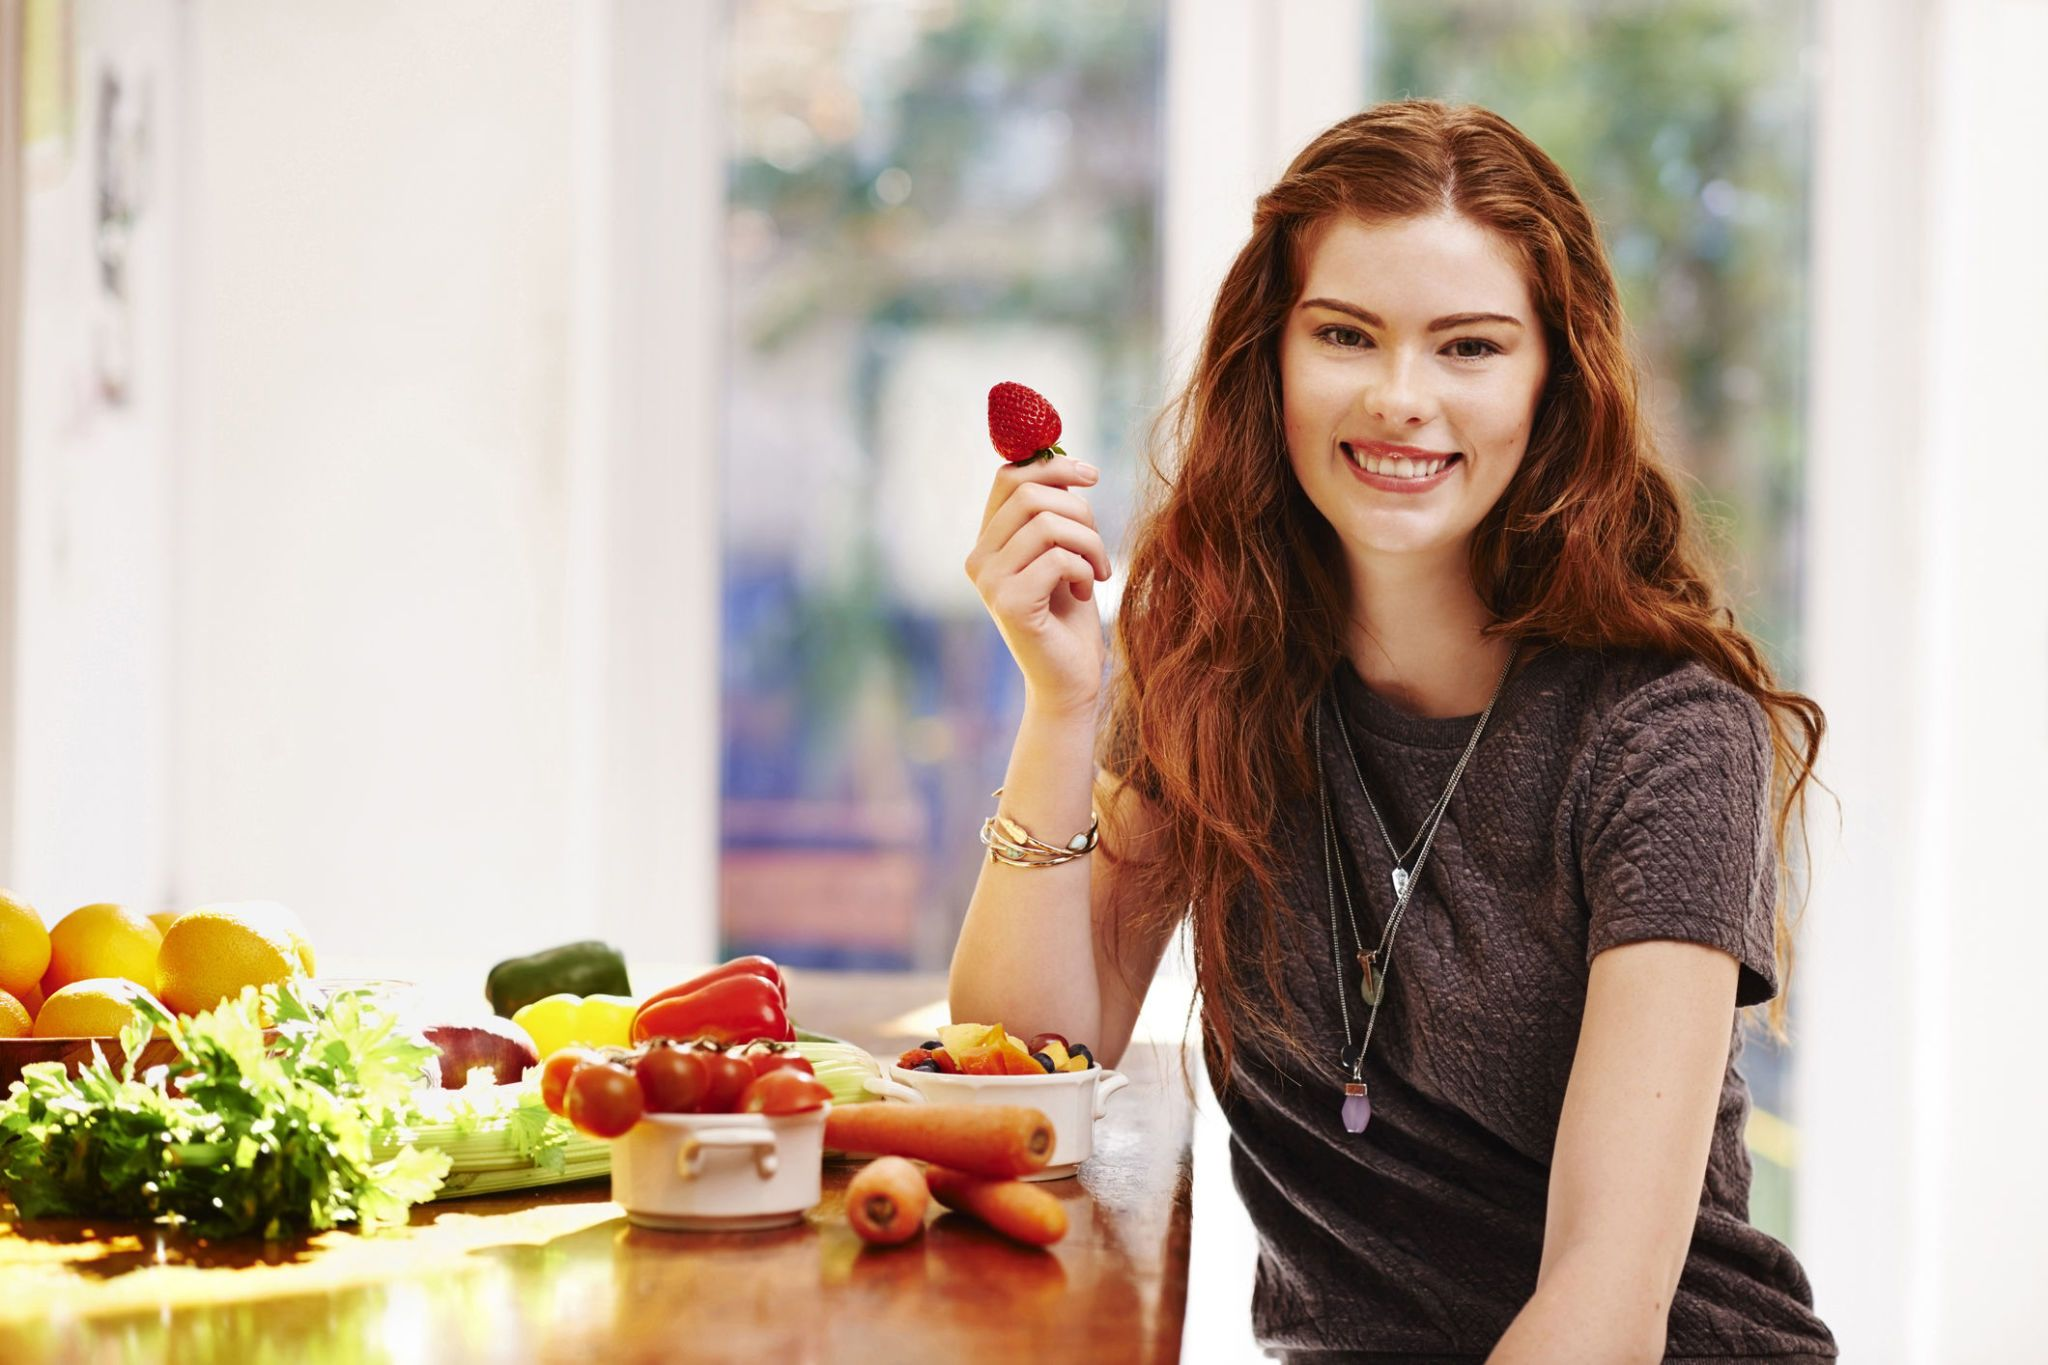 Dieta Settimanale Equilibrata : Dieta mediterranea settimanale il menù facile e gustoso per dimagrire